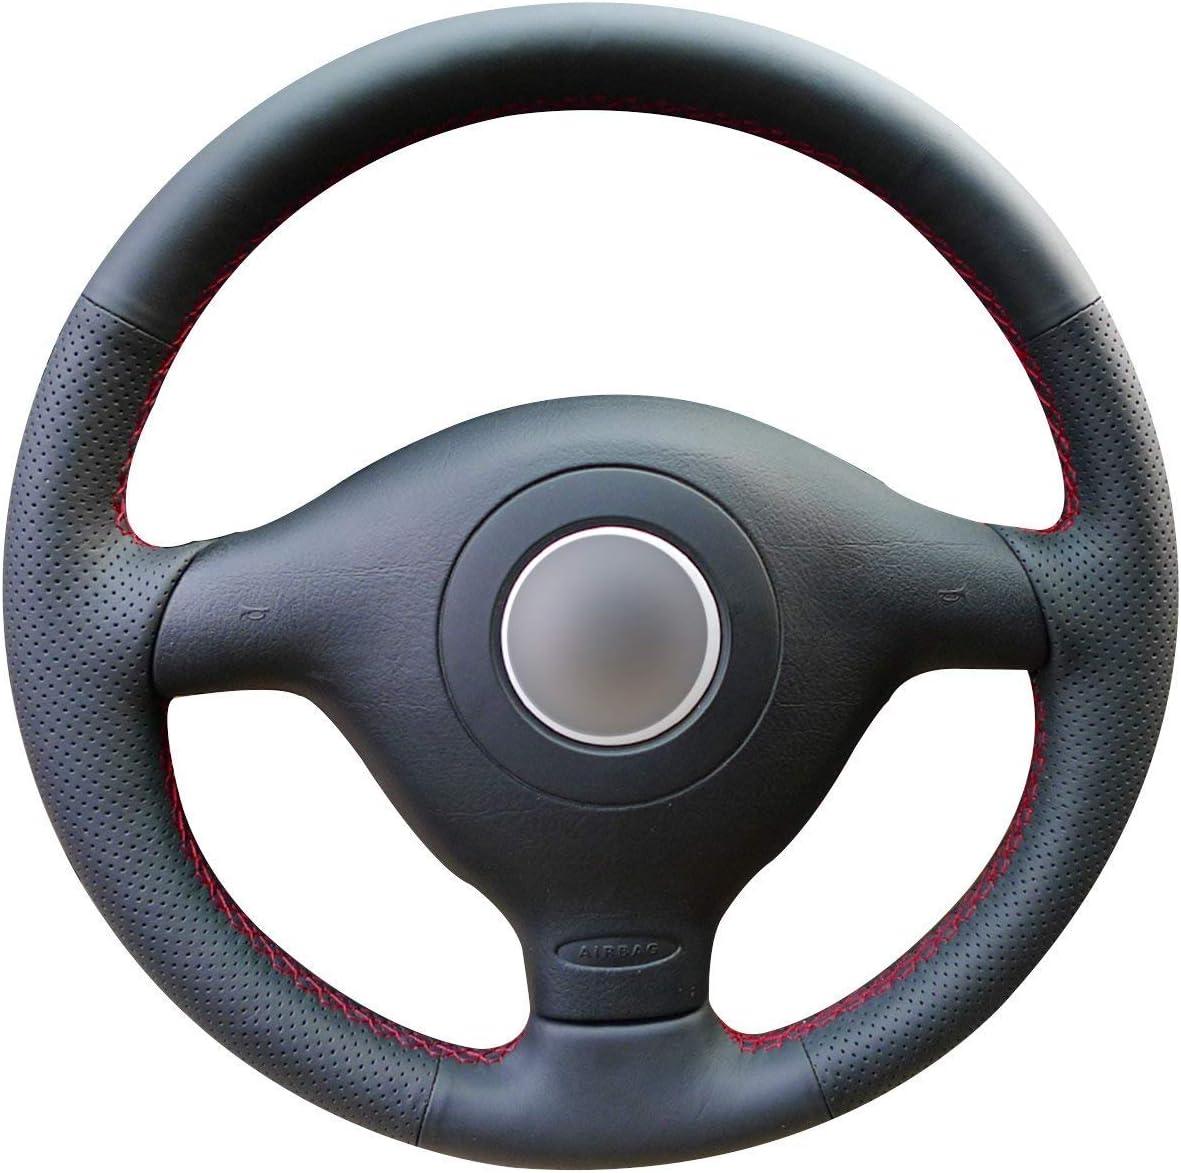 Funda para volante de coche de piel negra brillante para Volkswagen VW Golf 4 Passat B5 1996-2003 Skoda Fabia RS 2003 Polo 1999-2002 Seat Leon ...